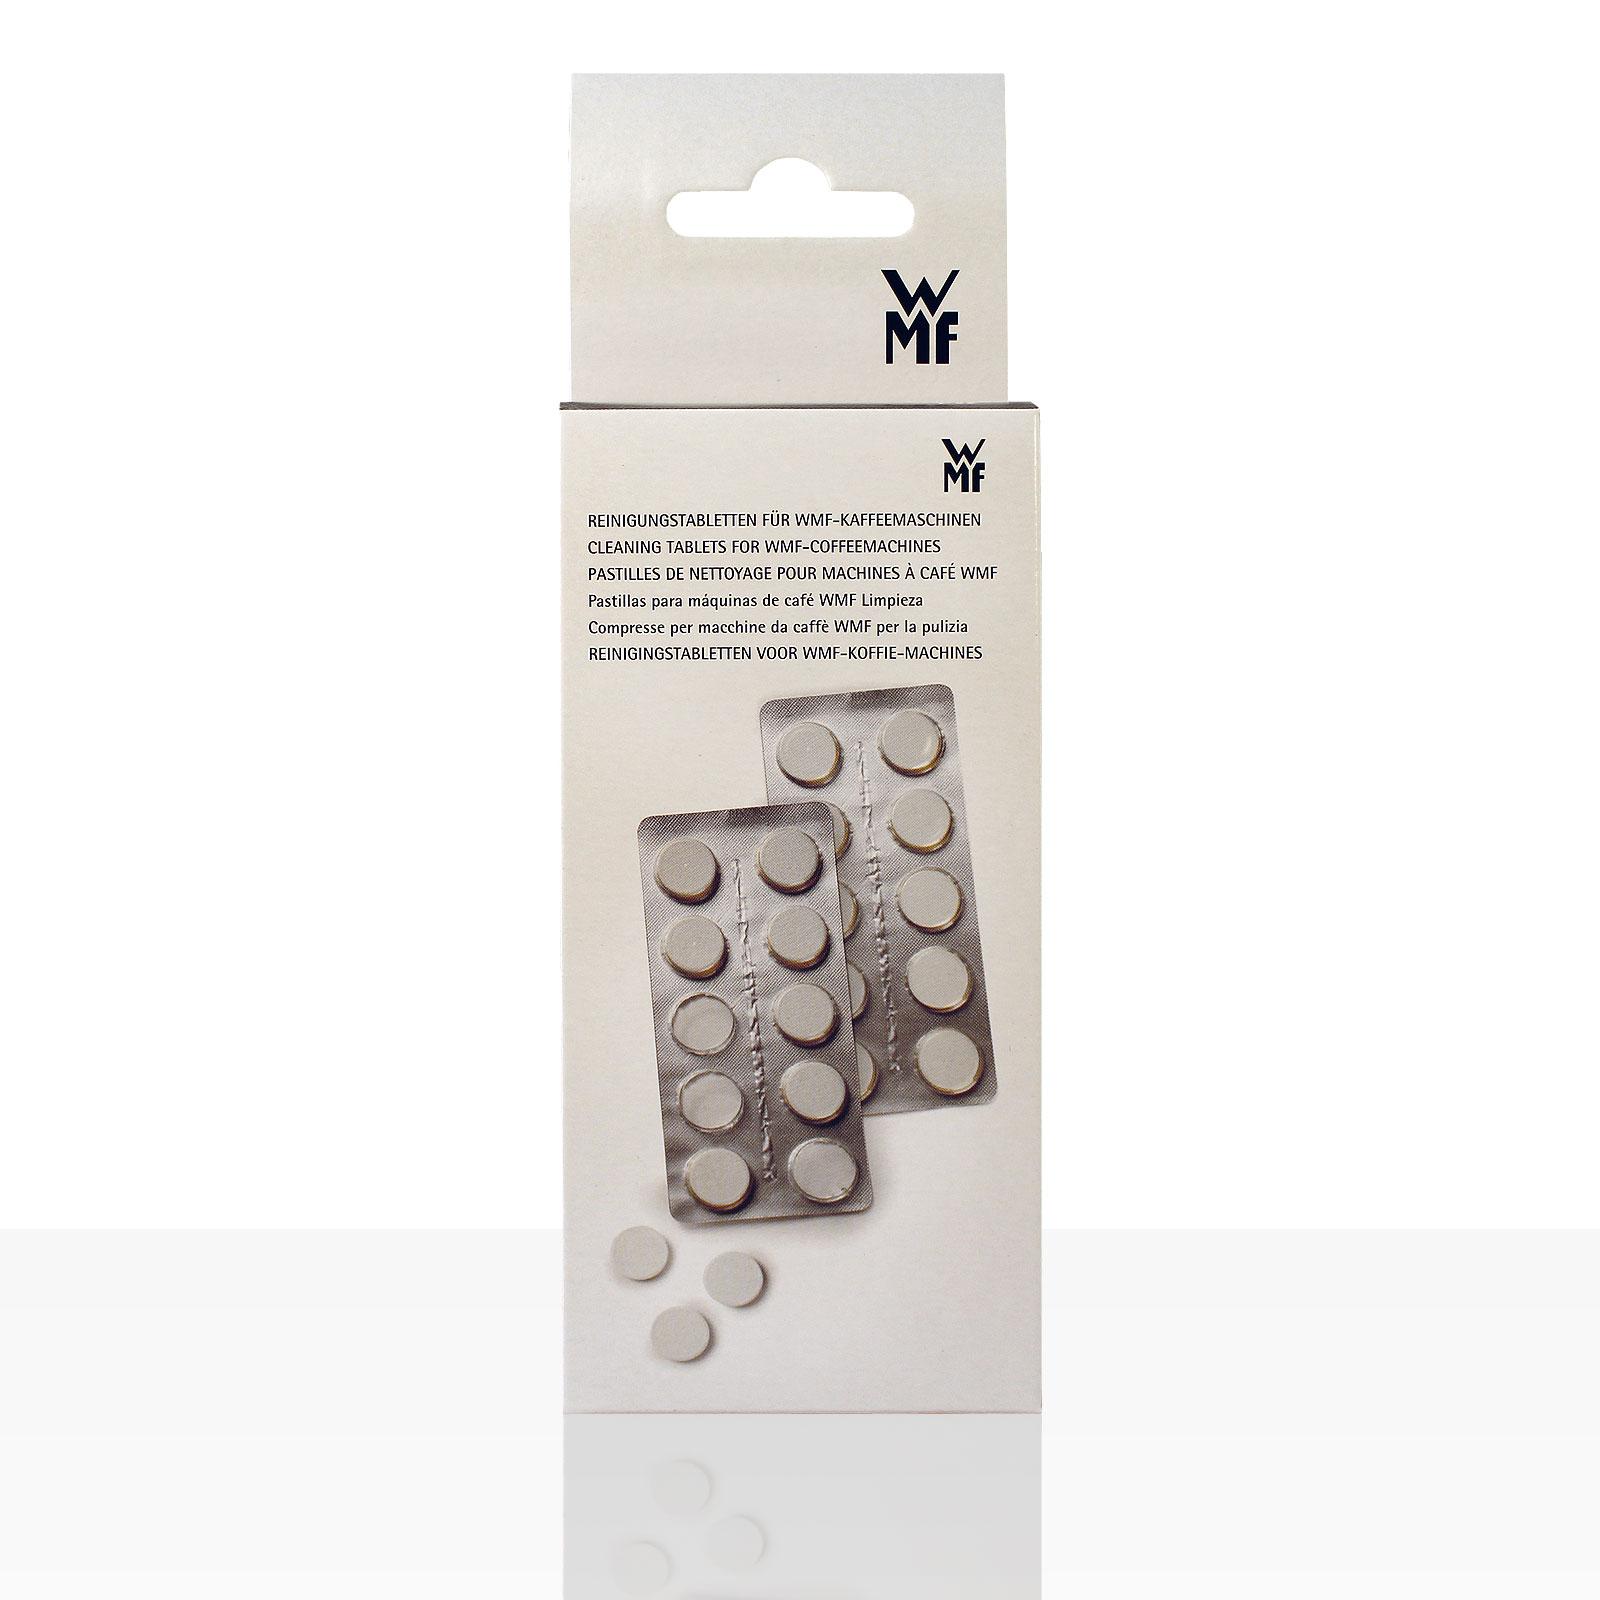 WMF Spezial-Reinigungstabletten 20 x 1,3g, Blister 3Stk